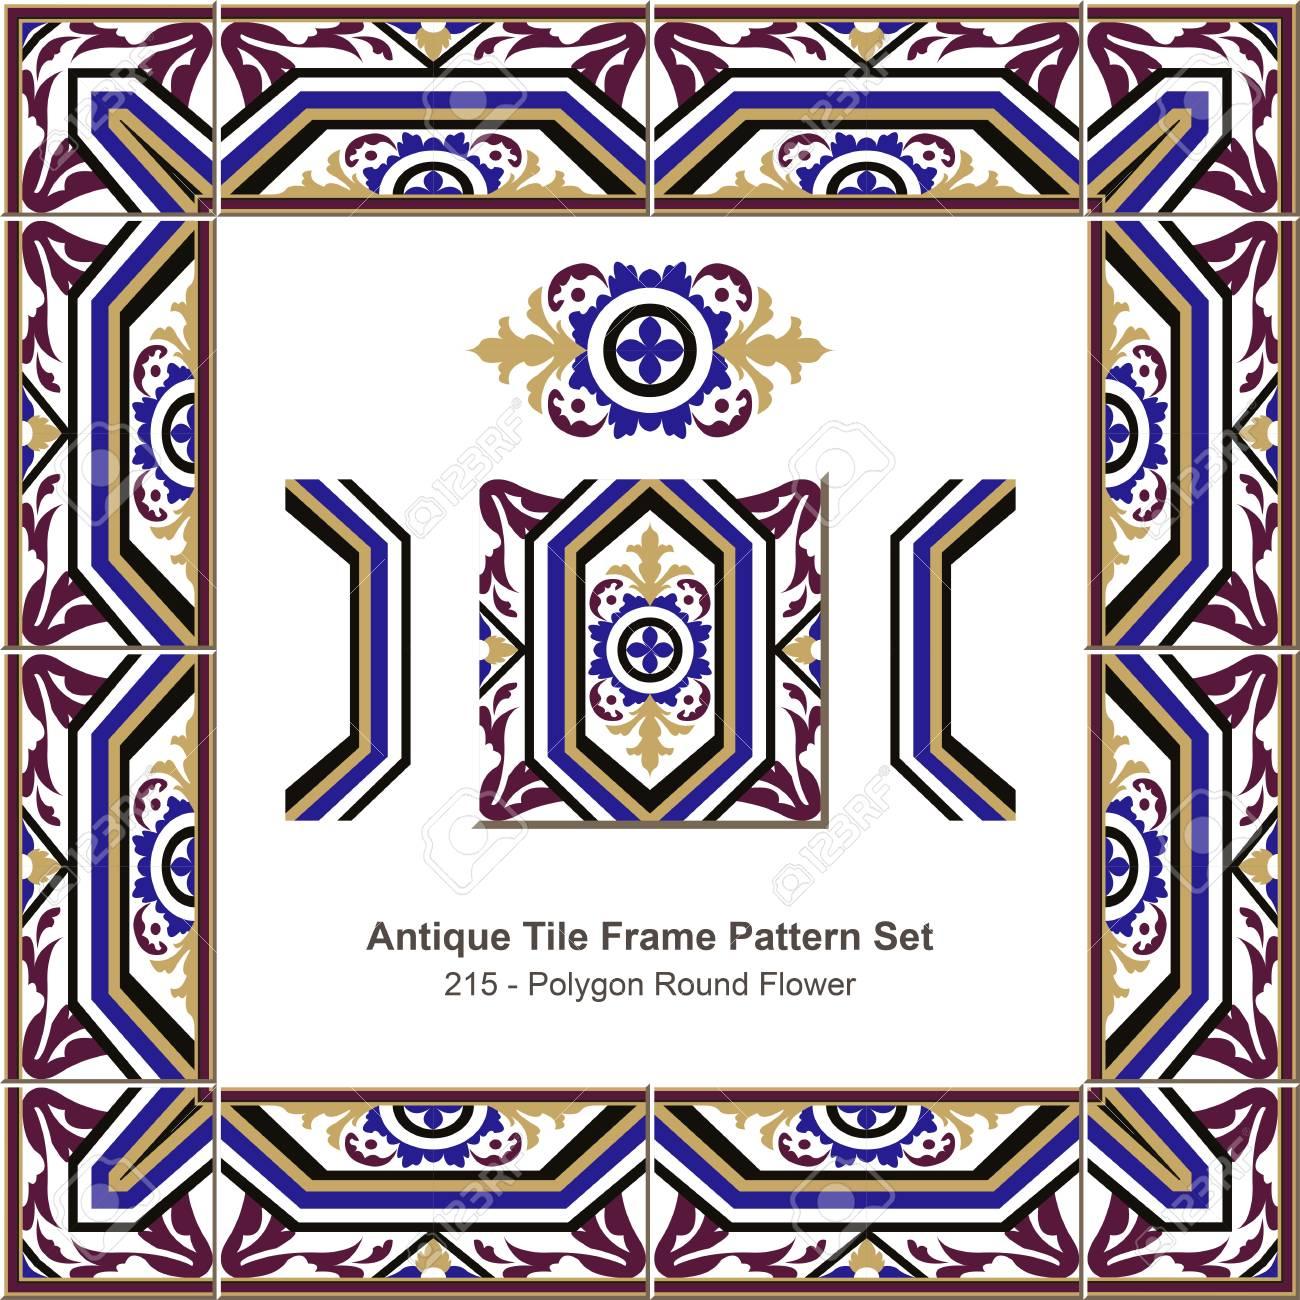 Antike Fliesen Rahmen Muster Set 215 Polygon Runde Blume Lizenzfrei